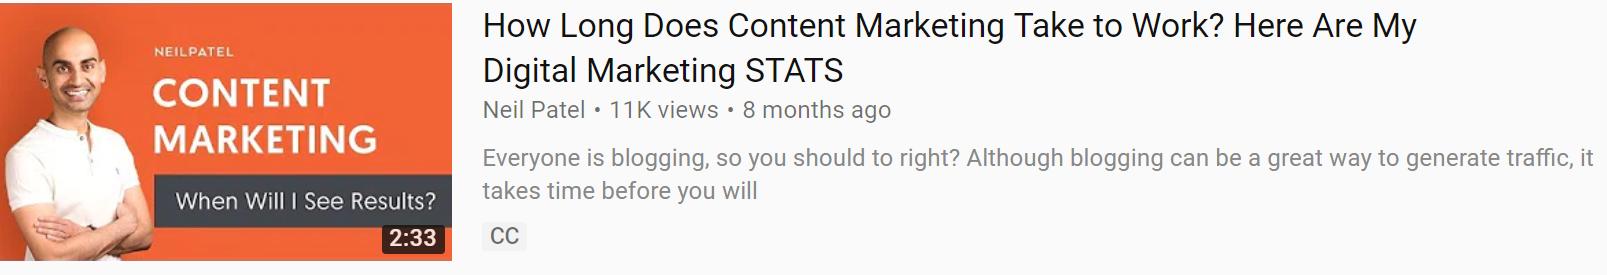 Anuncio de marketing de contenidos.